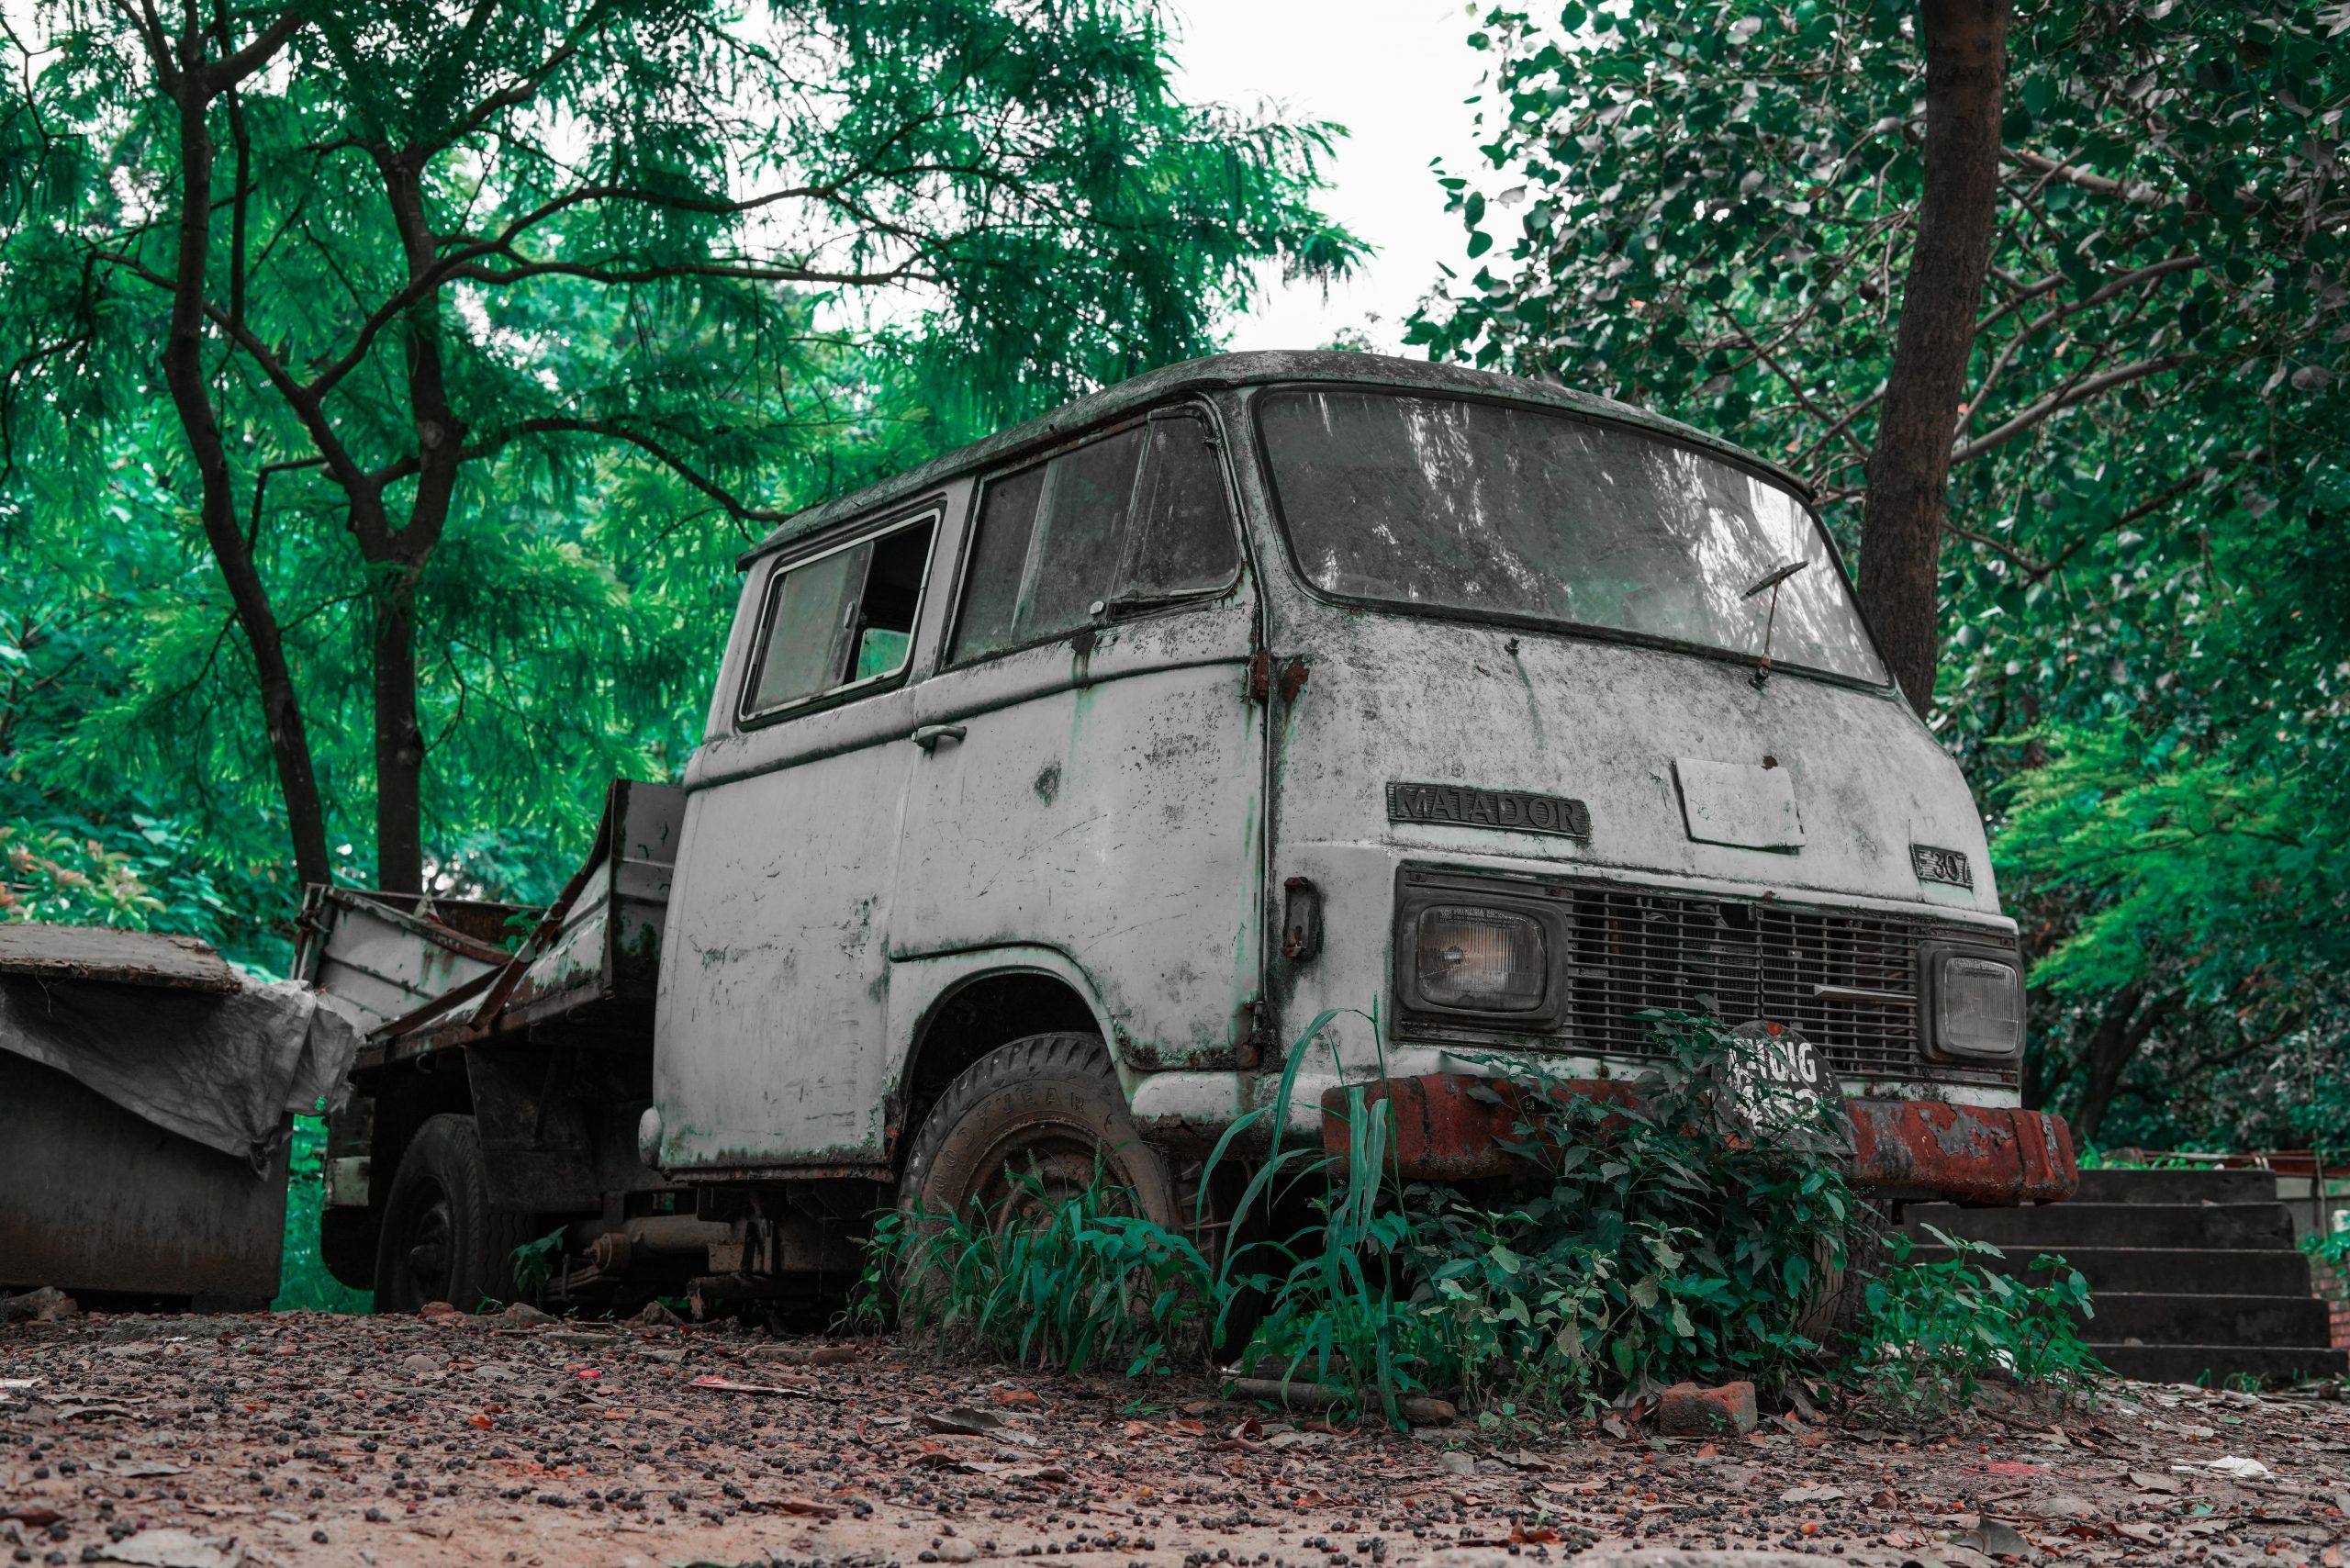 Old vintage van